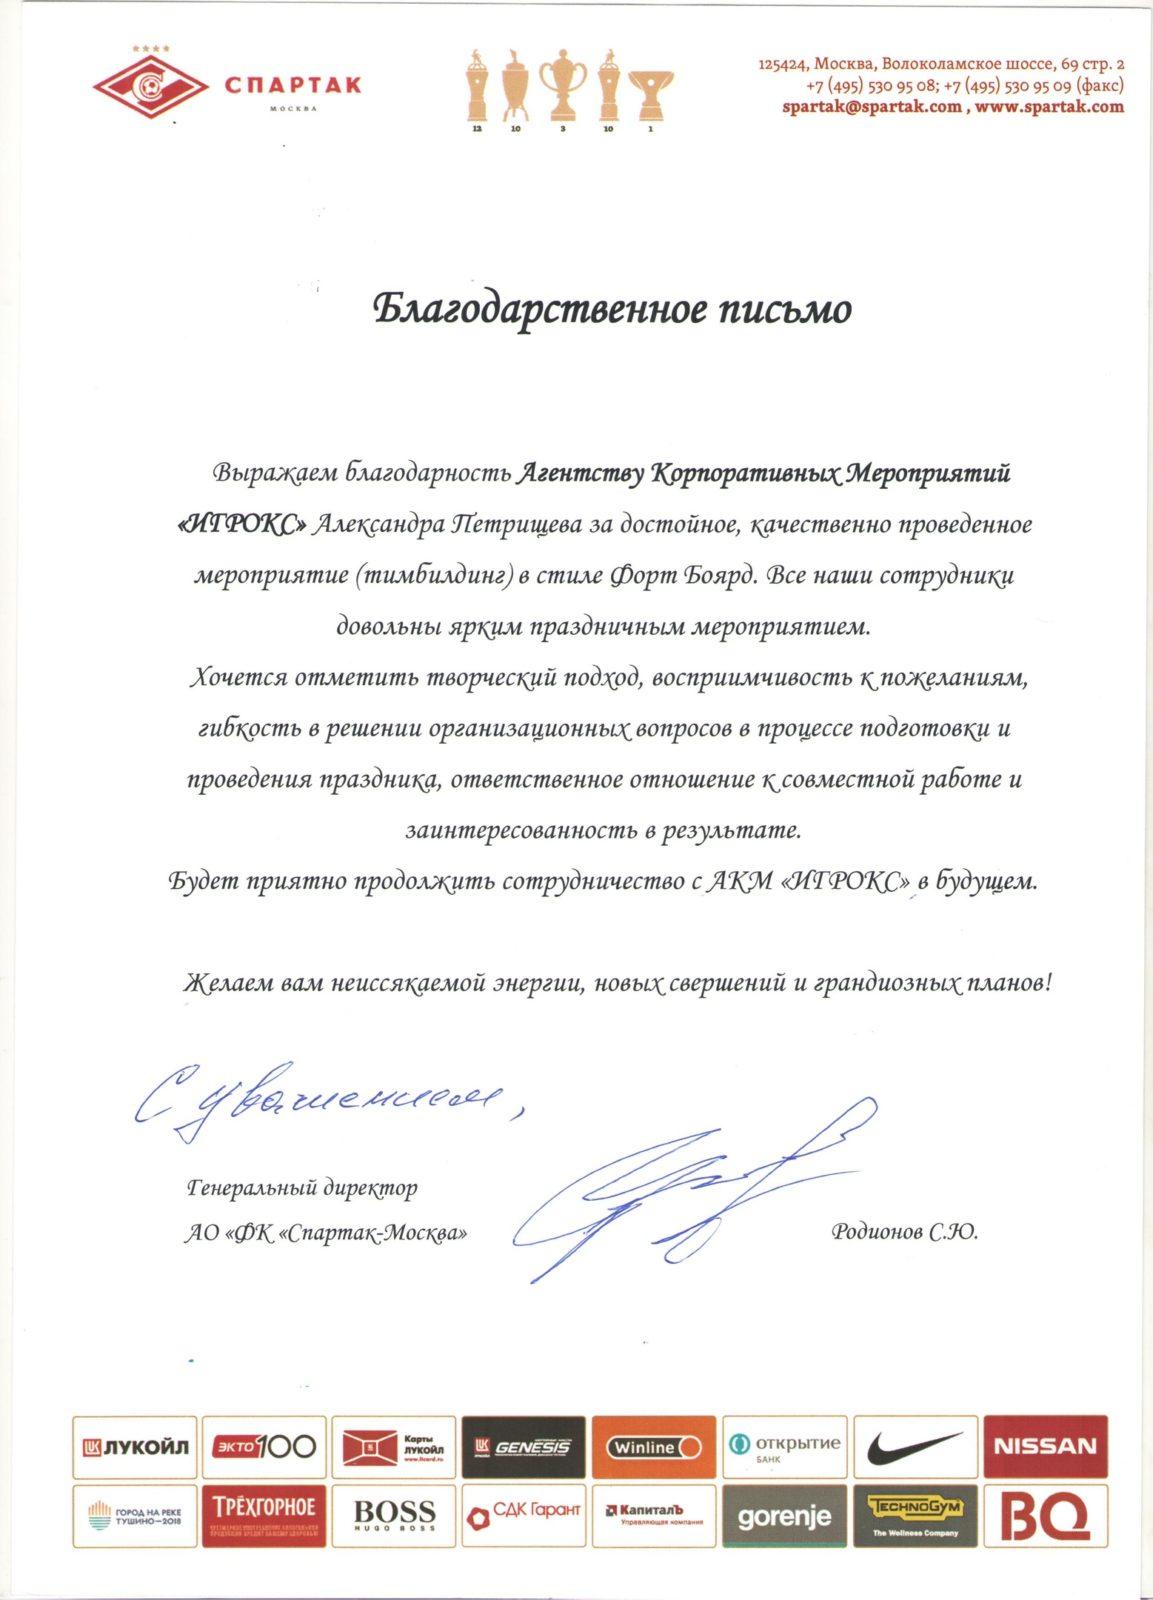 Футбольный клуб Спартак